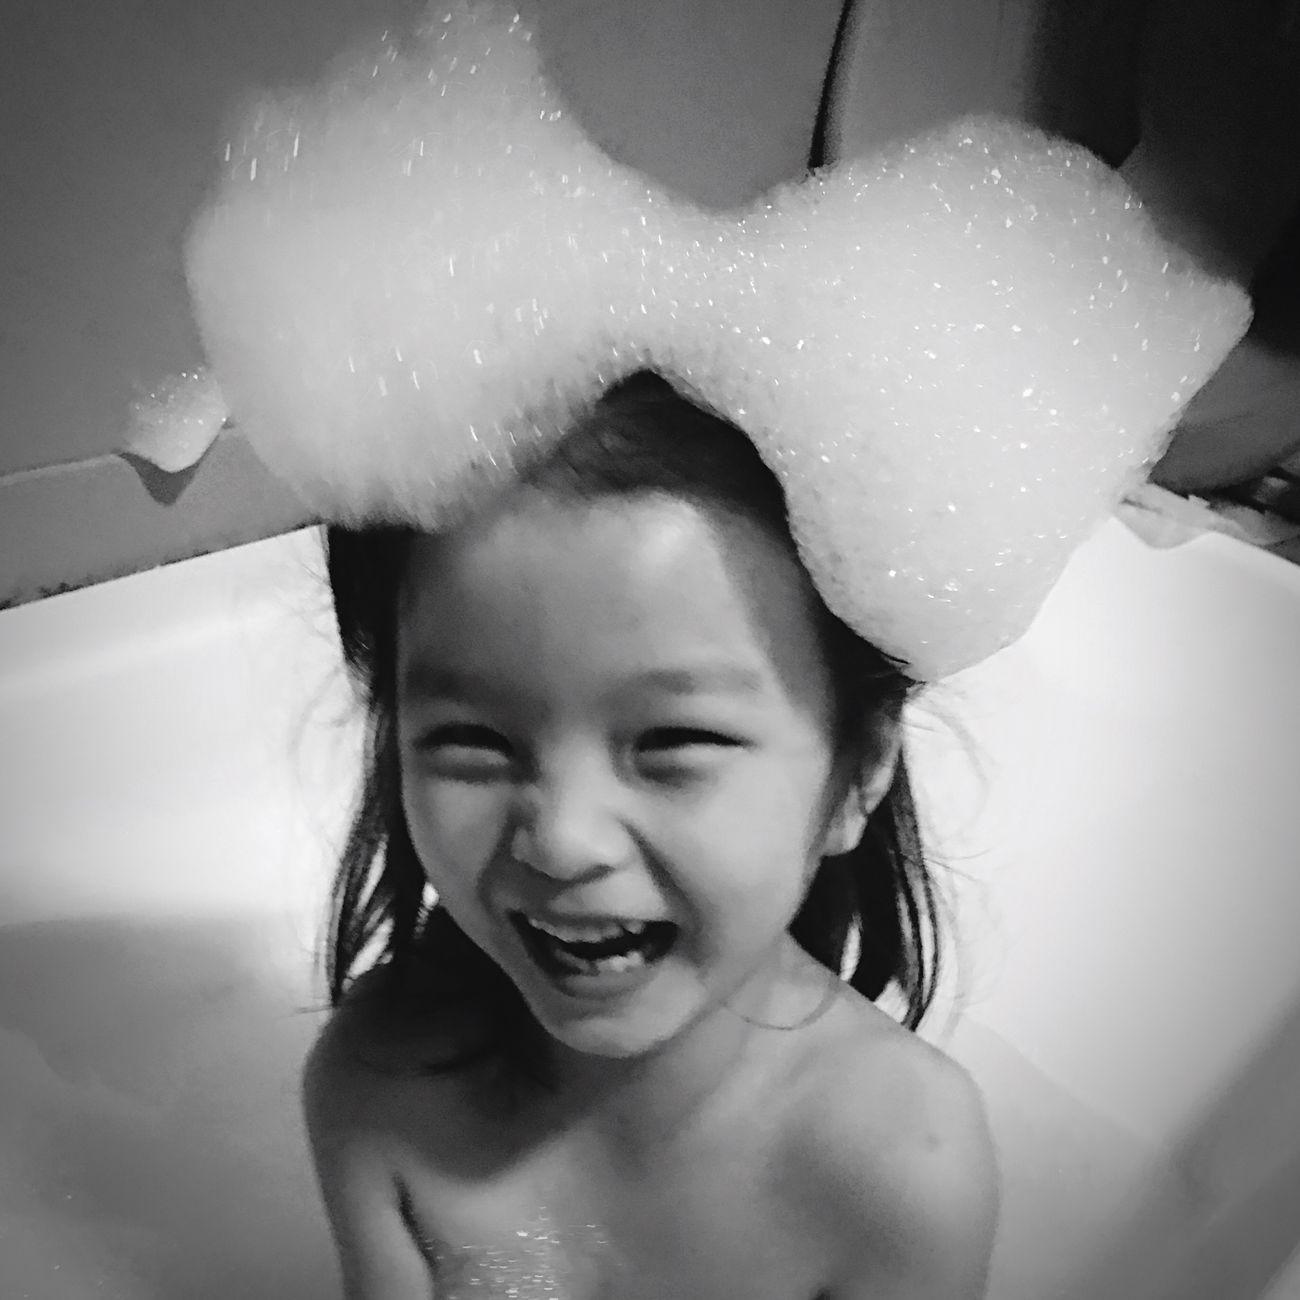 Bubble bowtie Innocence Kids